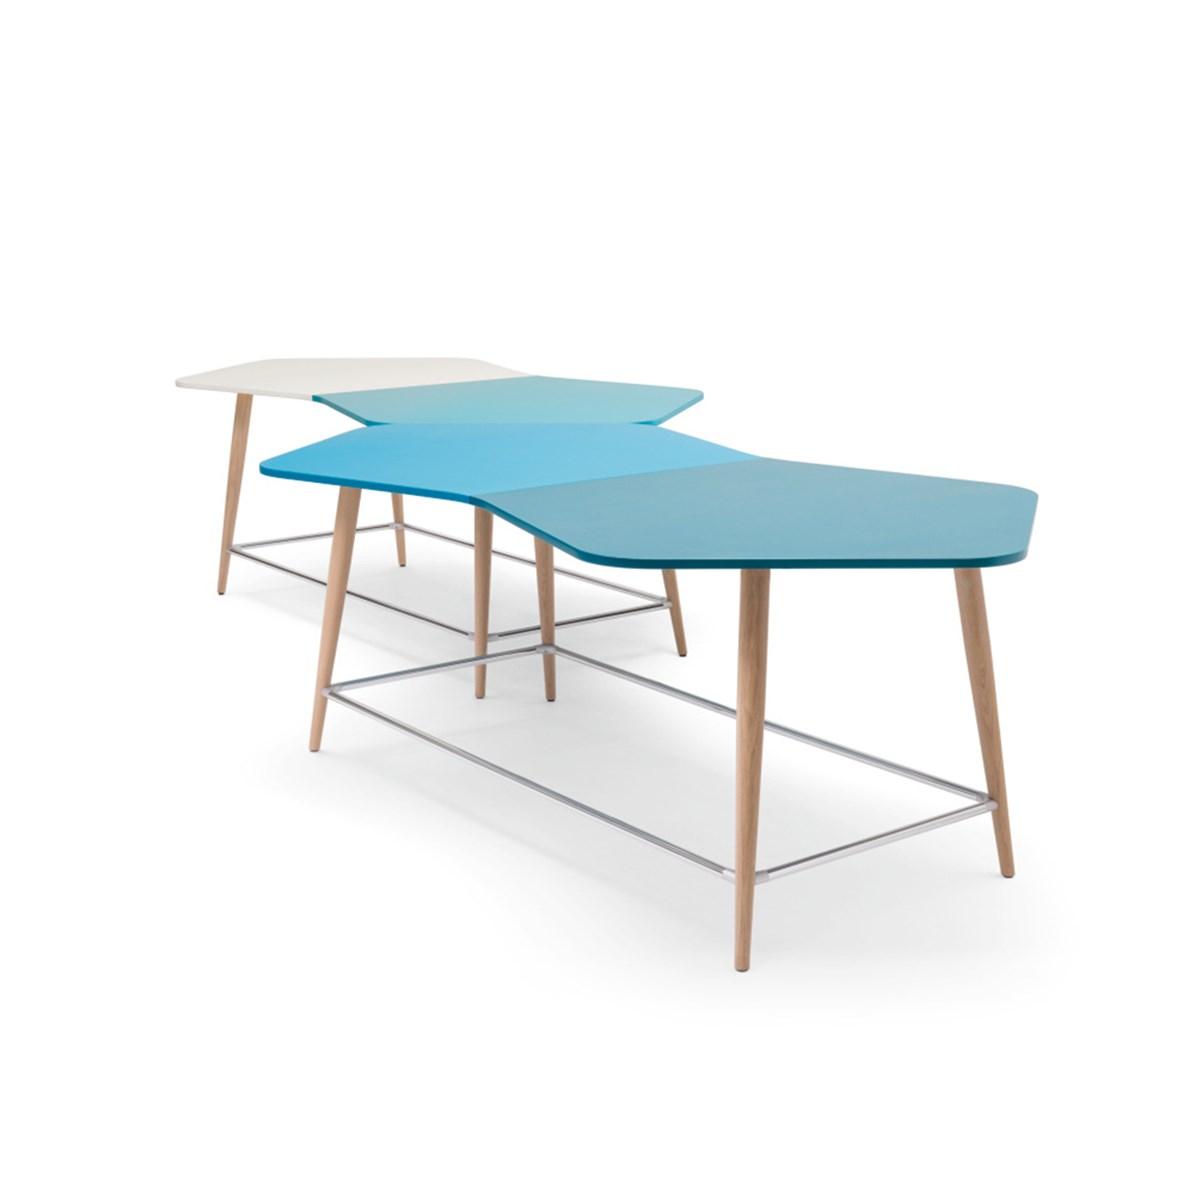 Sedus-Mastermind-Table-Matisse-2